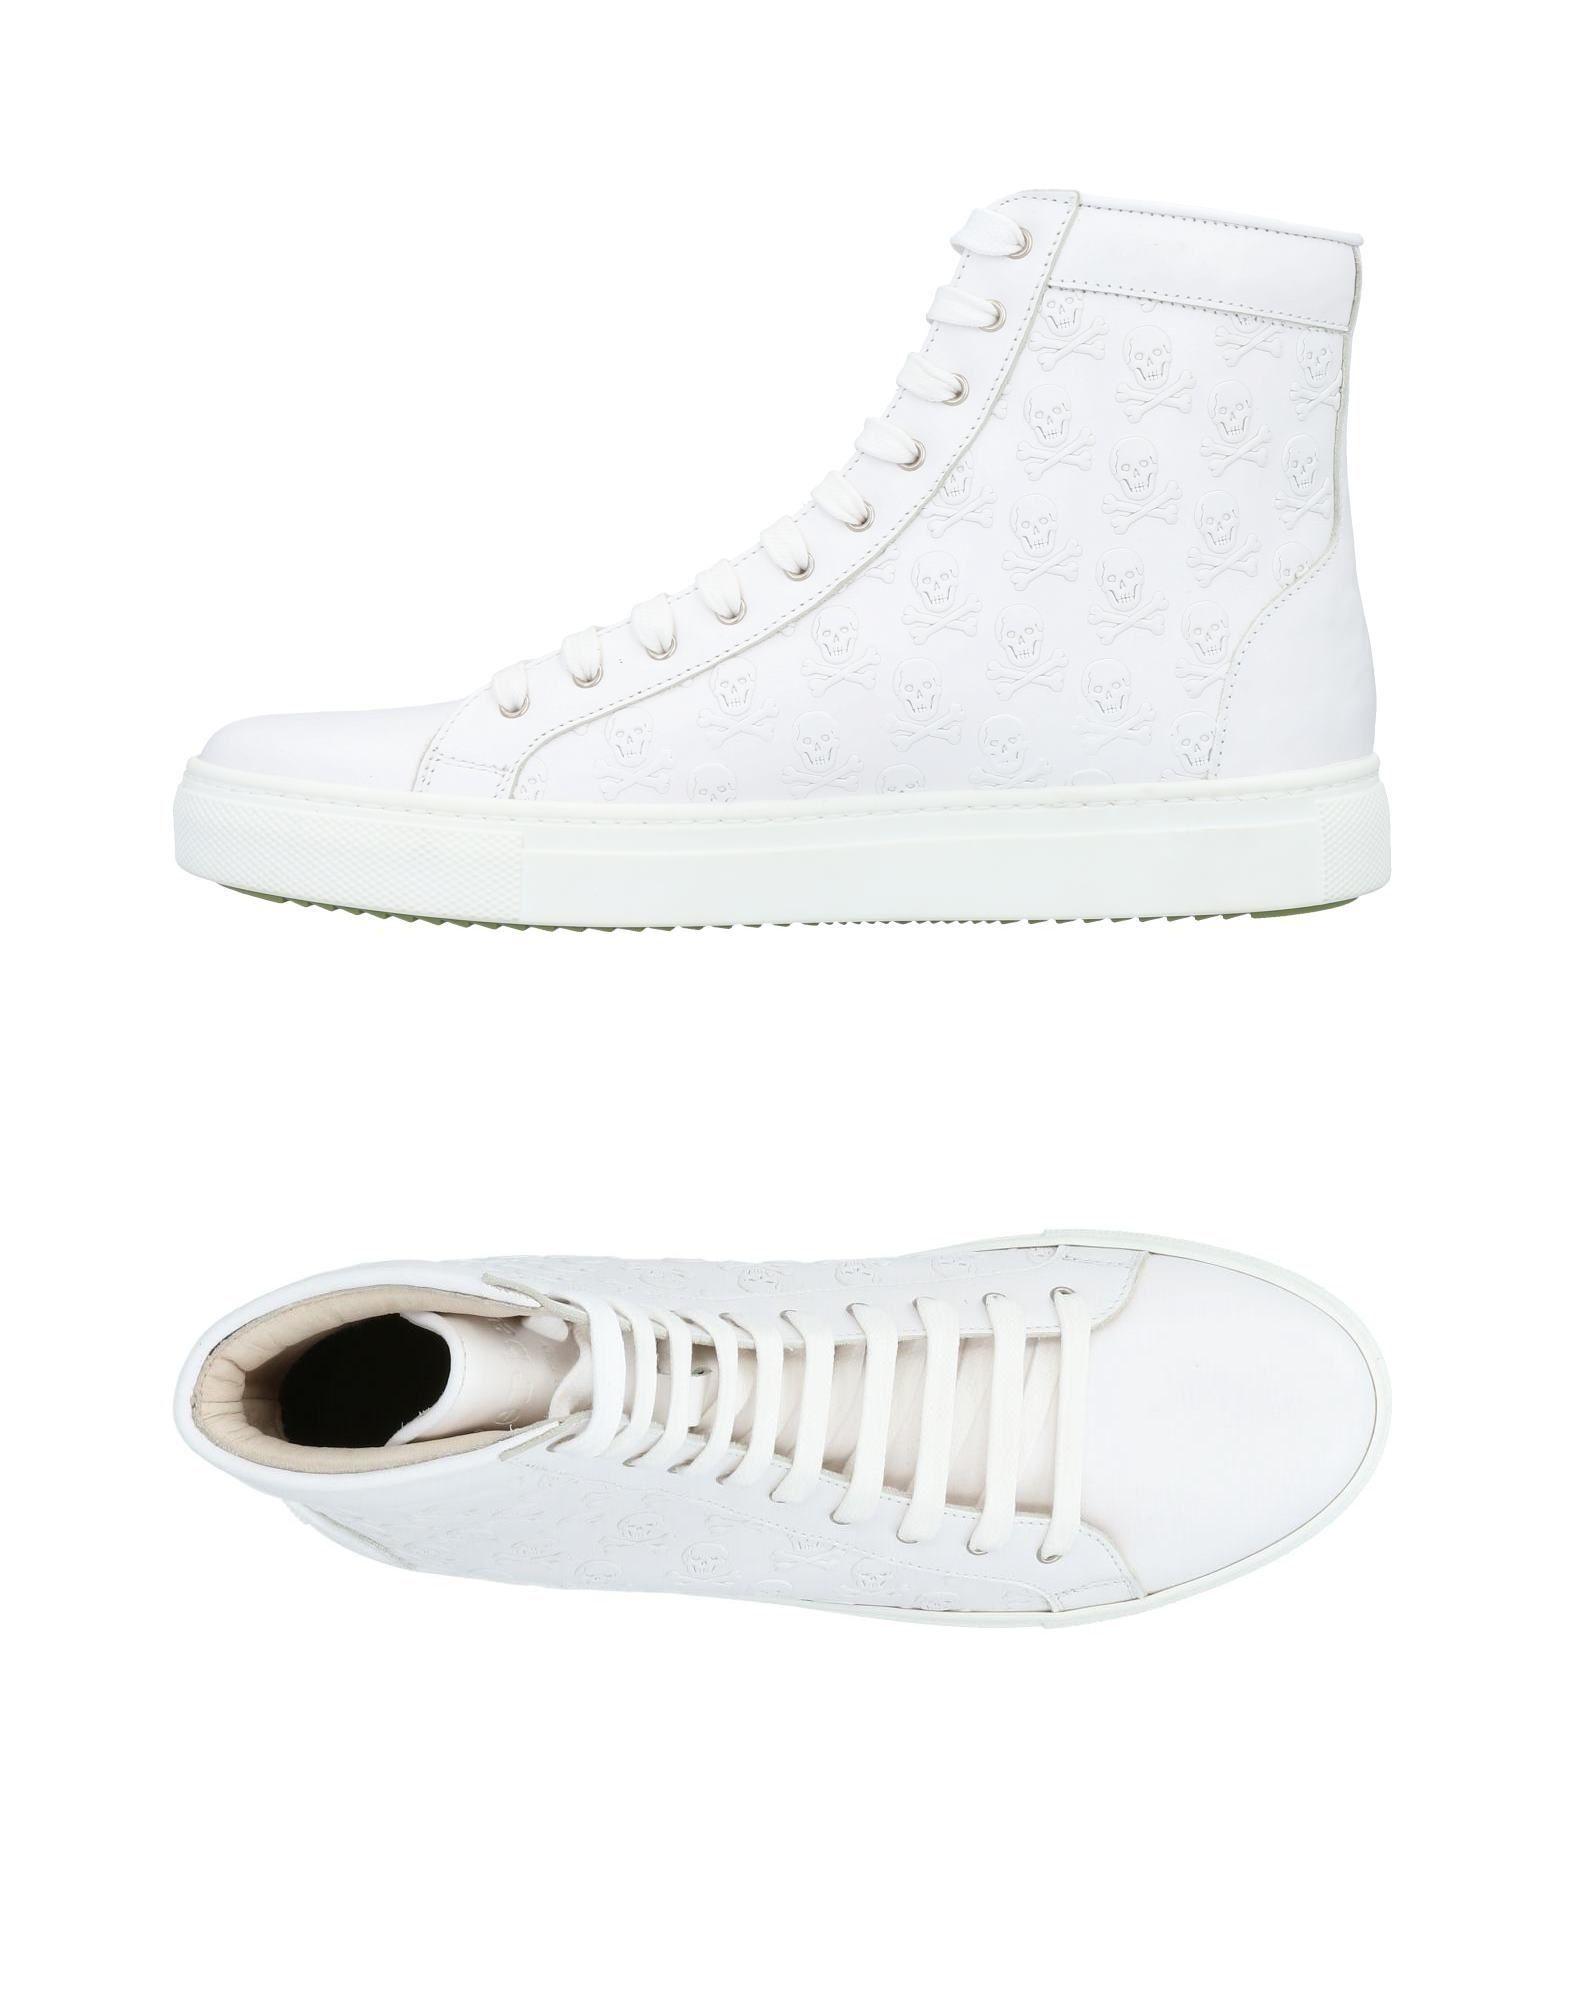 Sneakers Guess Uomo - 11484395EN Scarpe economiche e buone